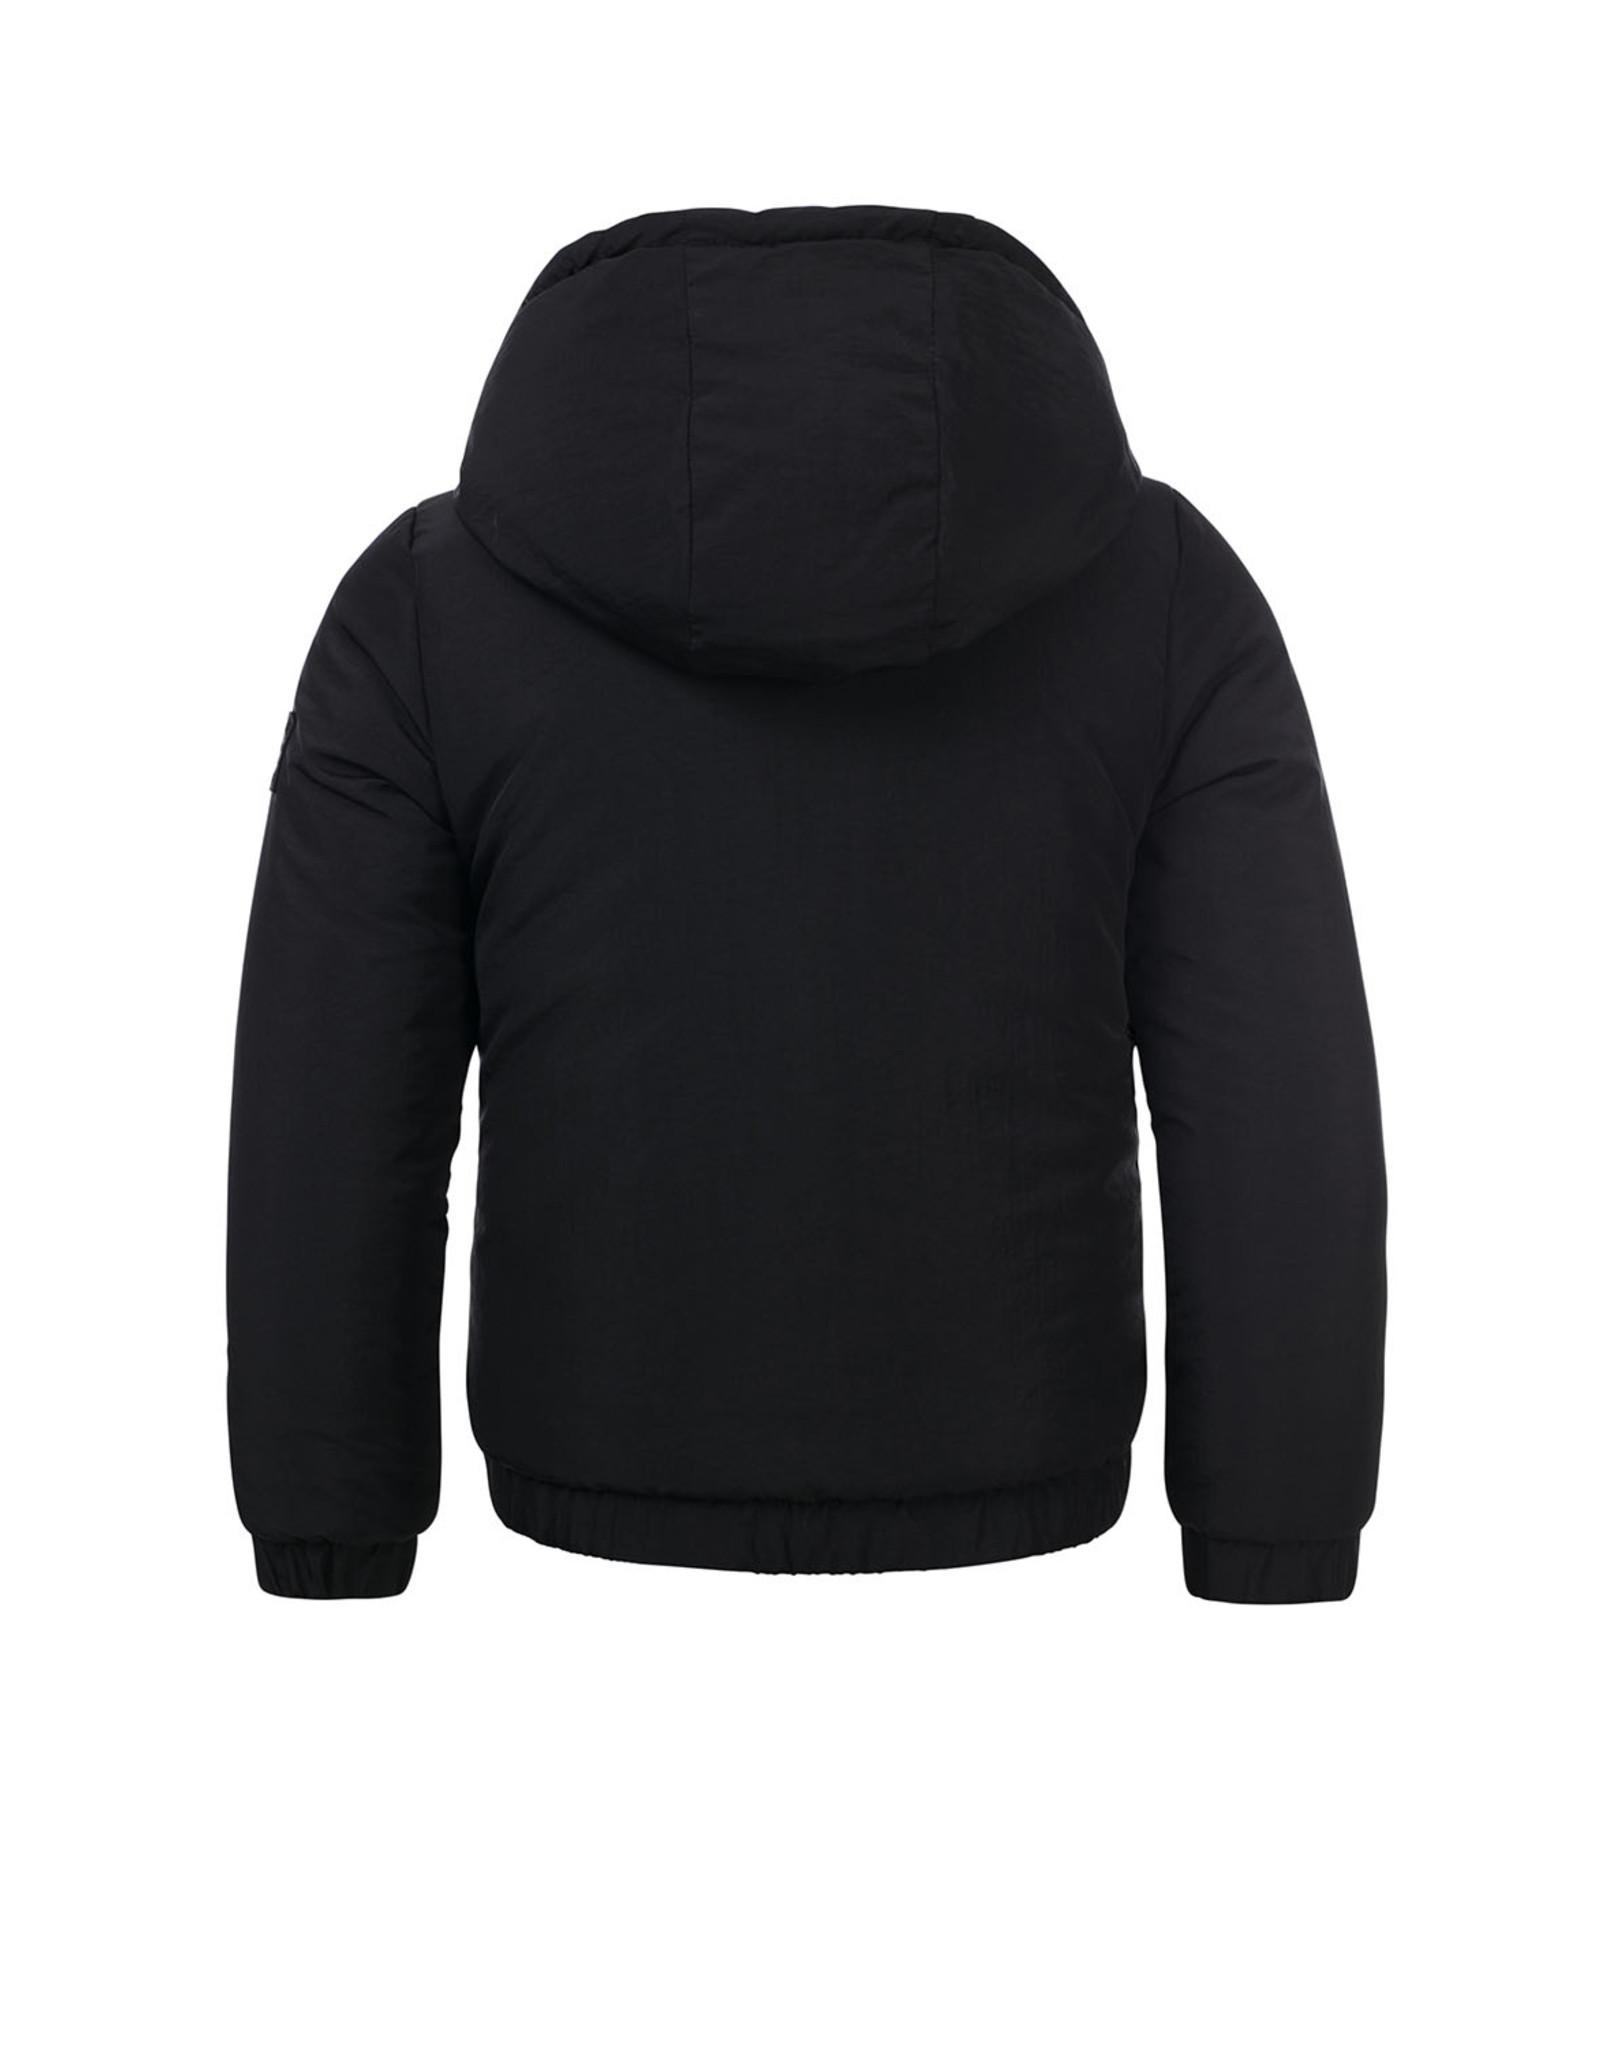 LOOXS 10sixteen fur bomber jacket black